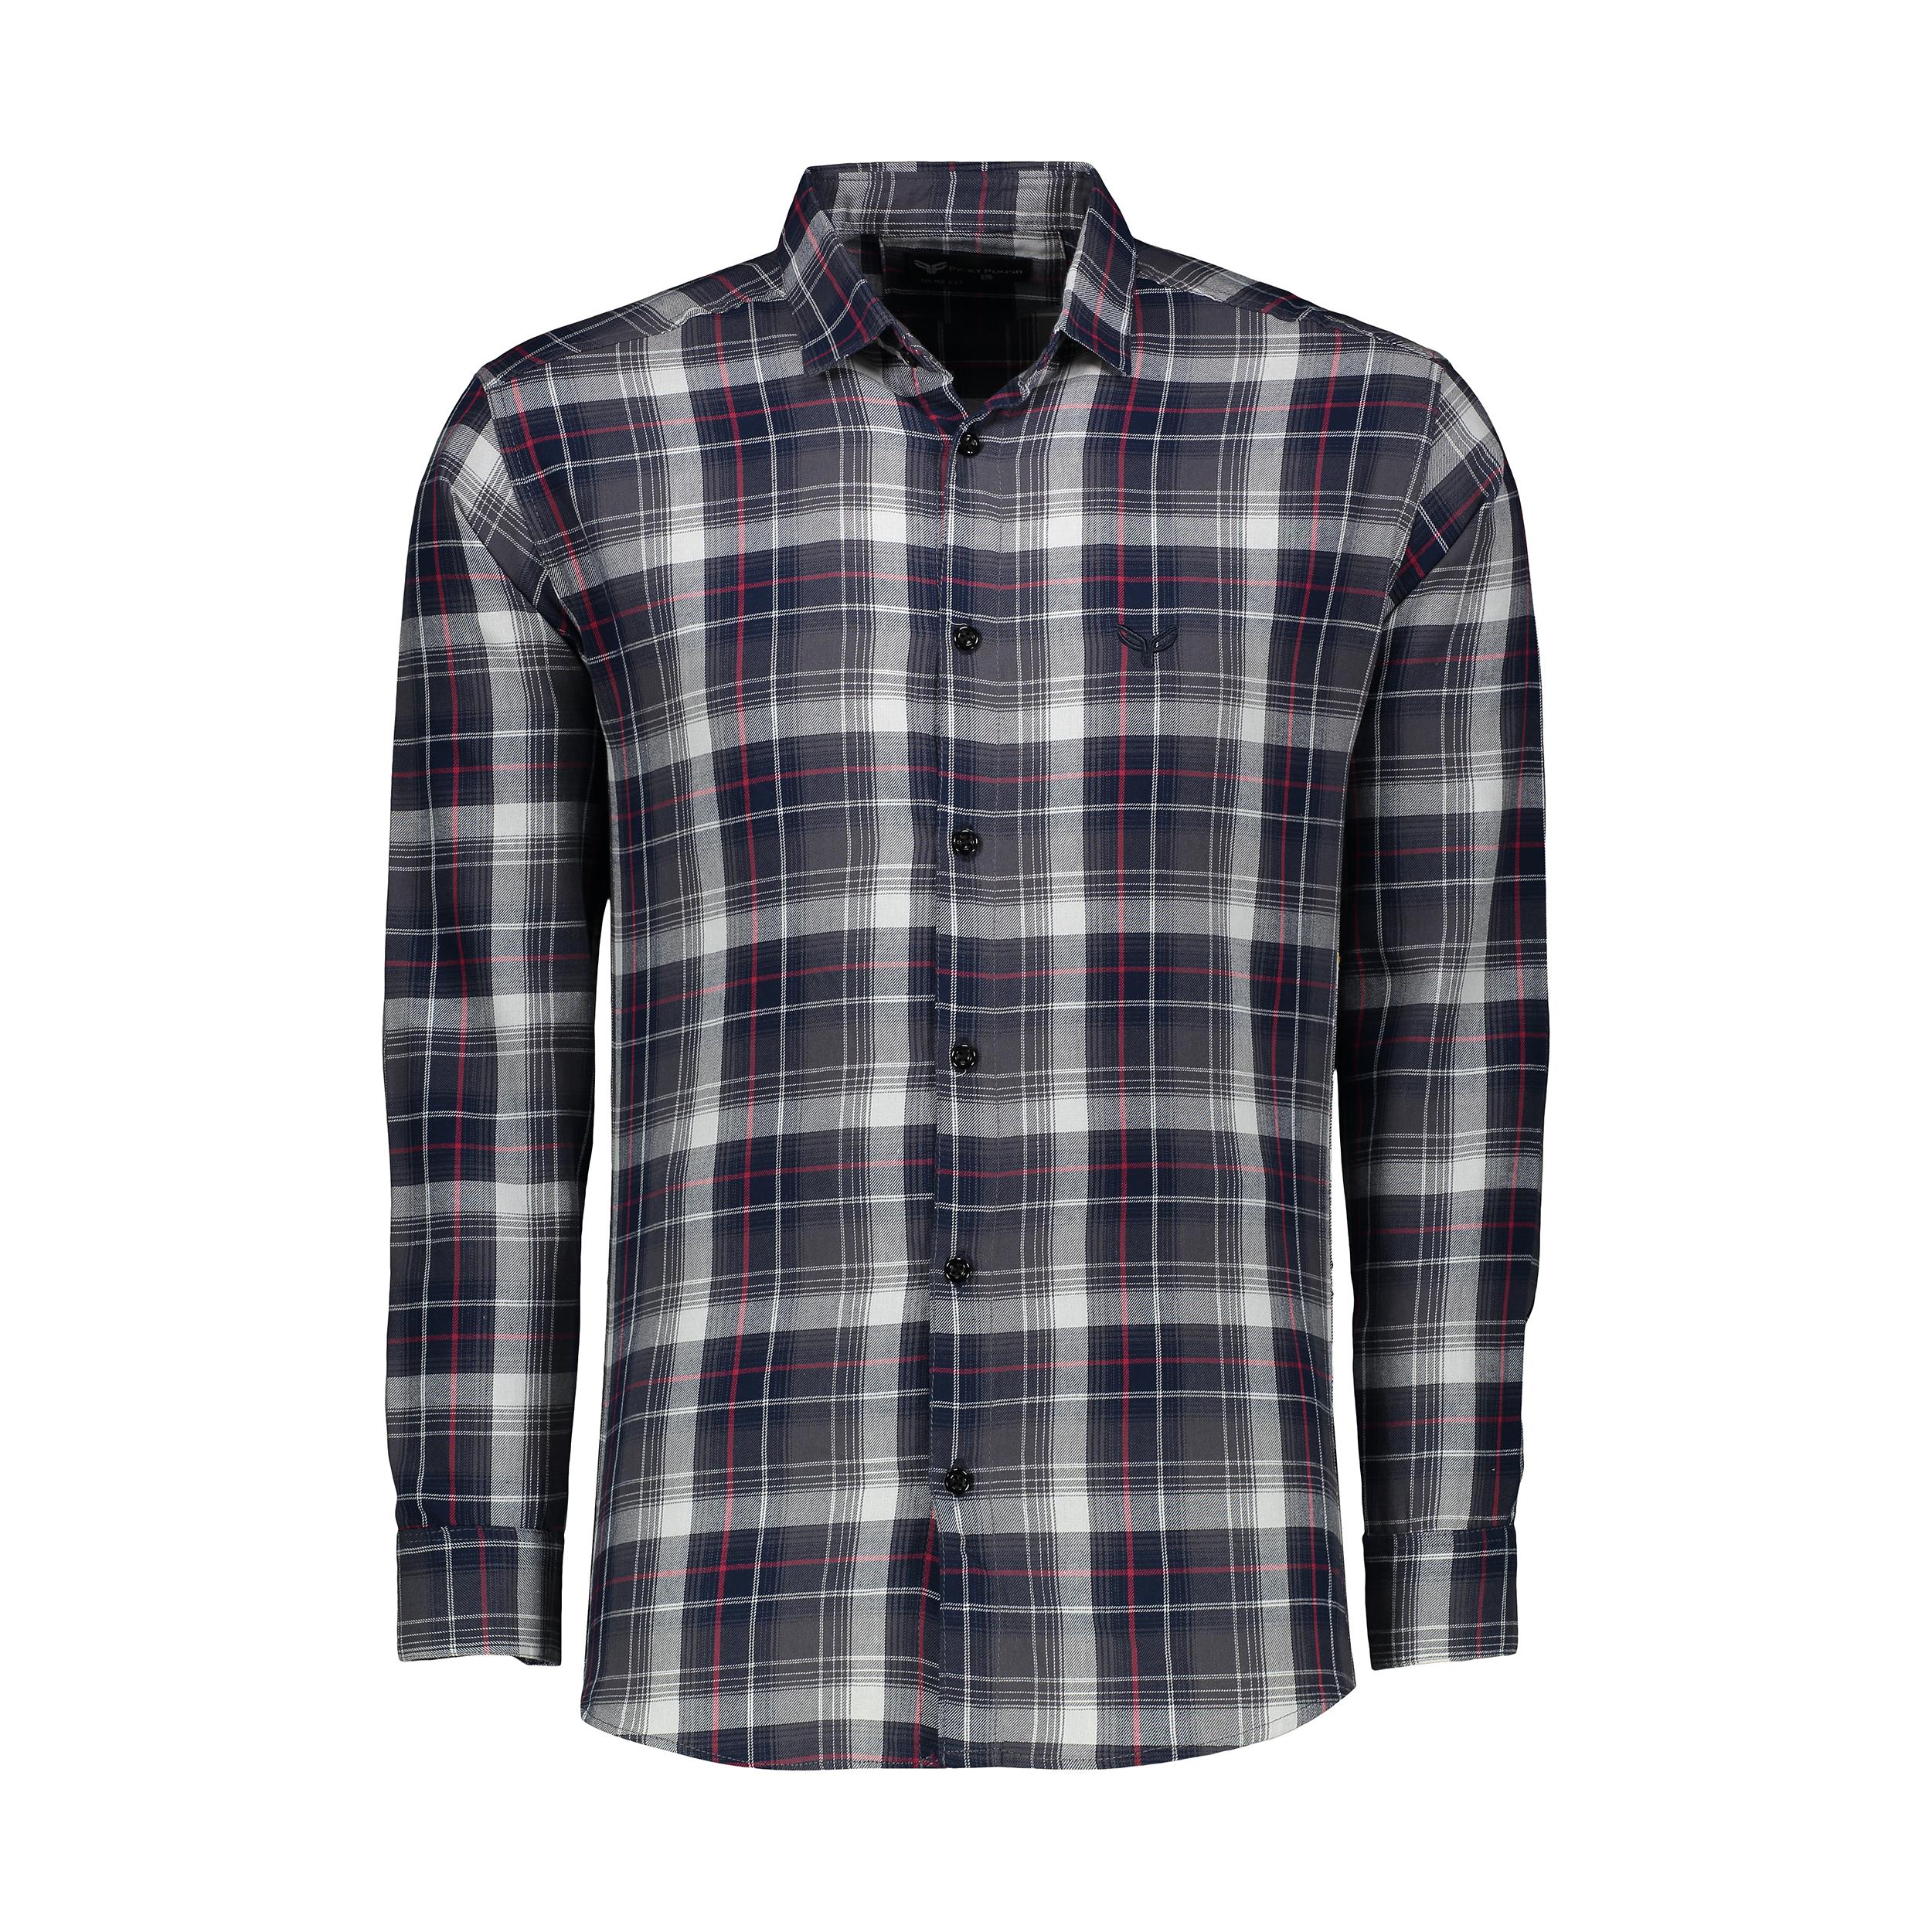 پیراهن آستین بلند مردانه پیکی پوش مدل M02518